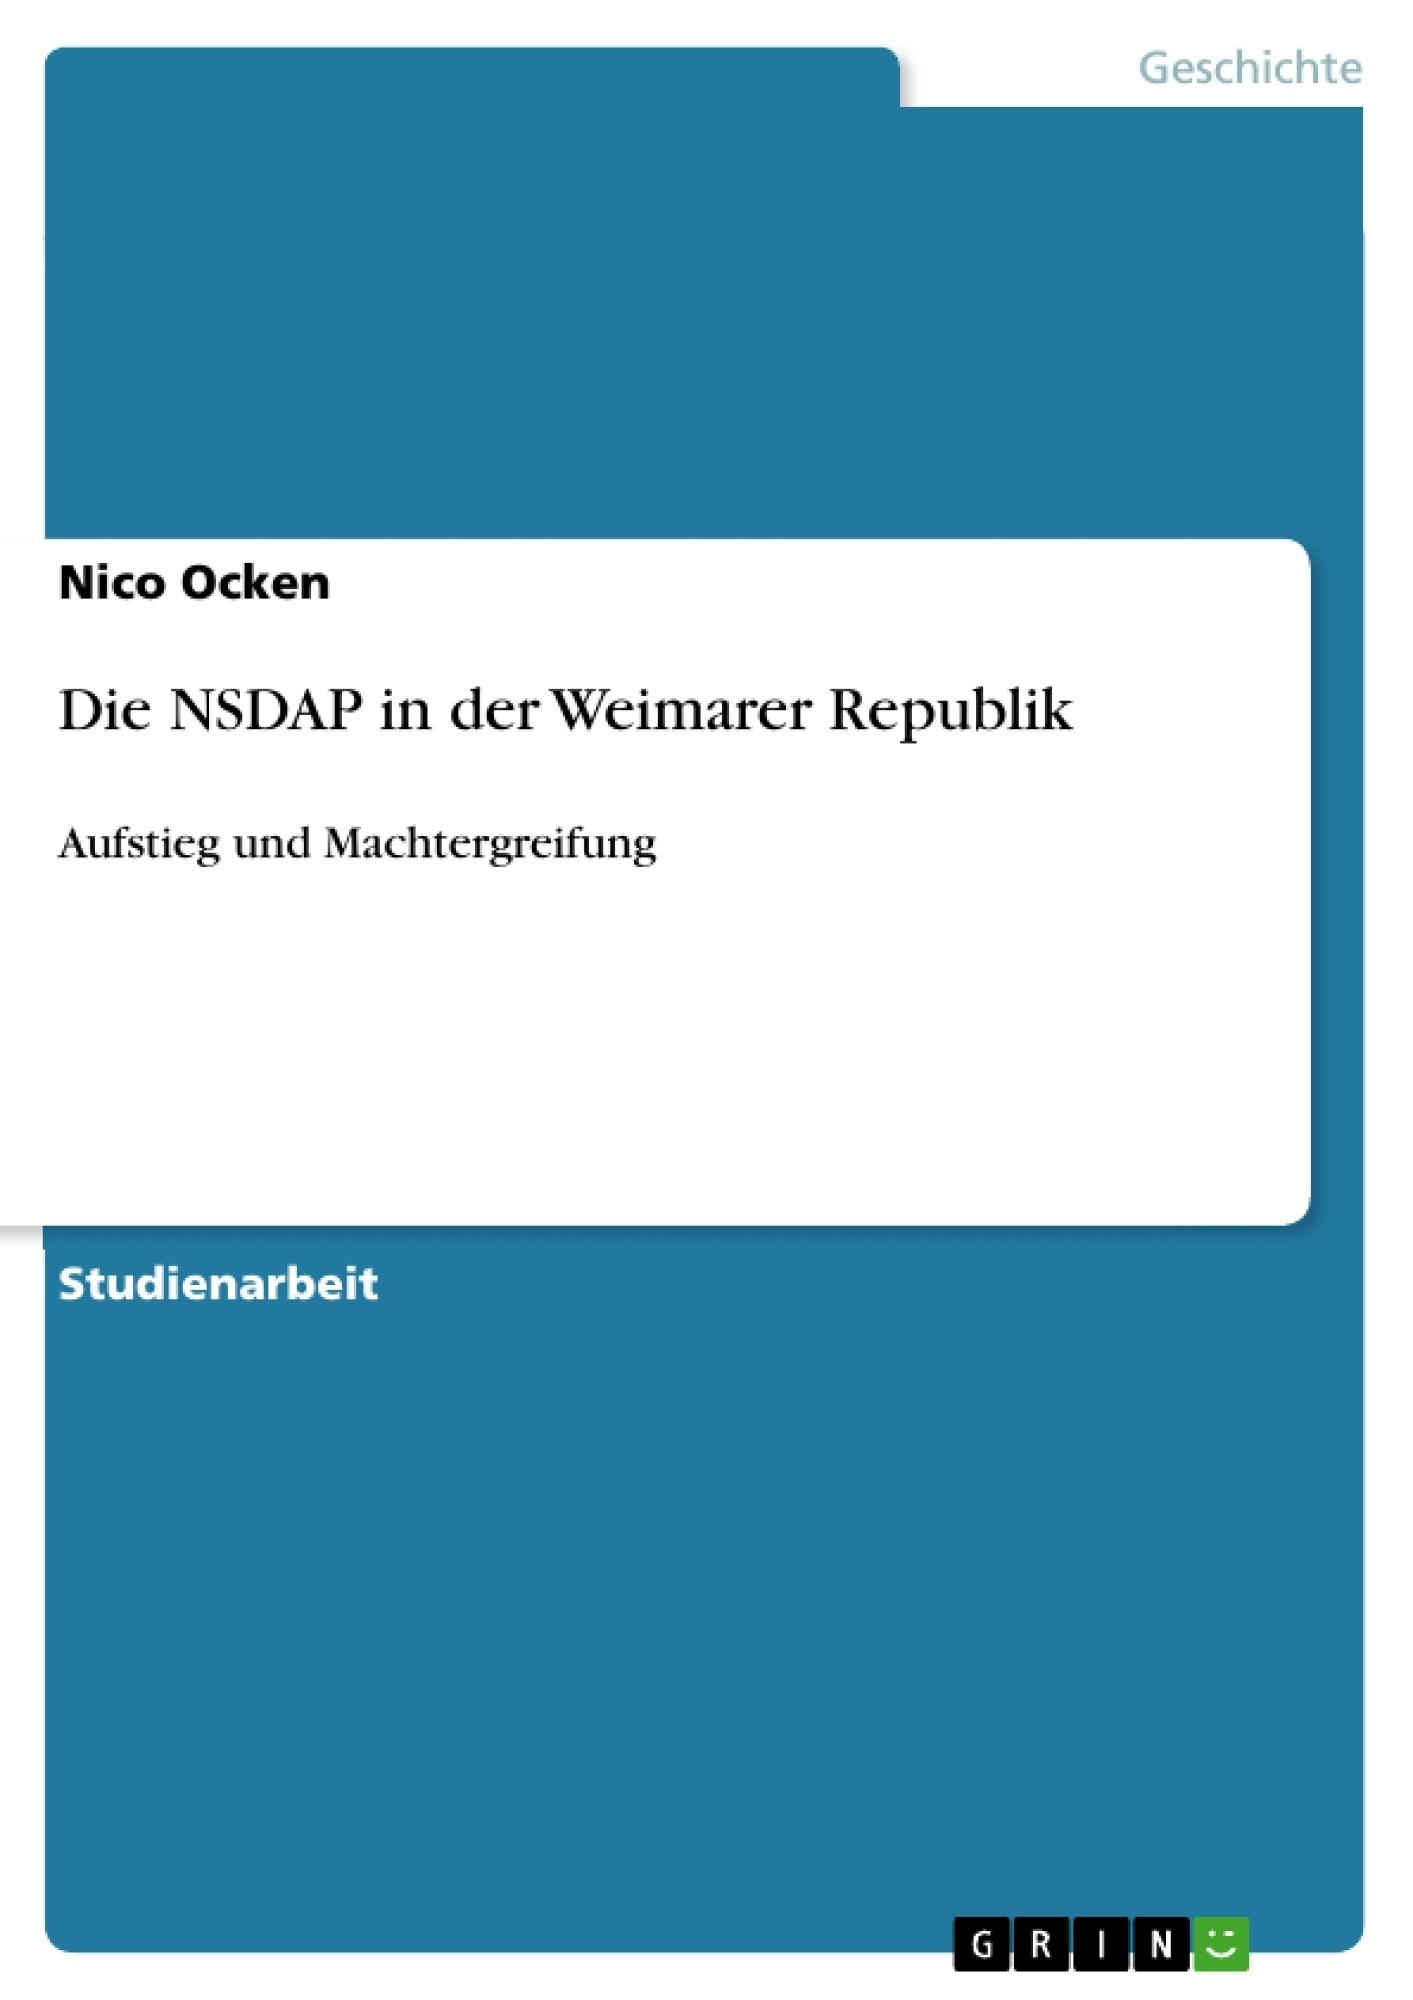 Titel: Die NSDAP in der Weimarer Republik